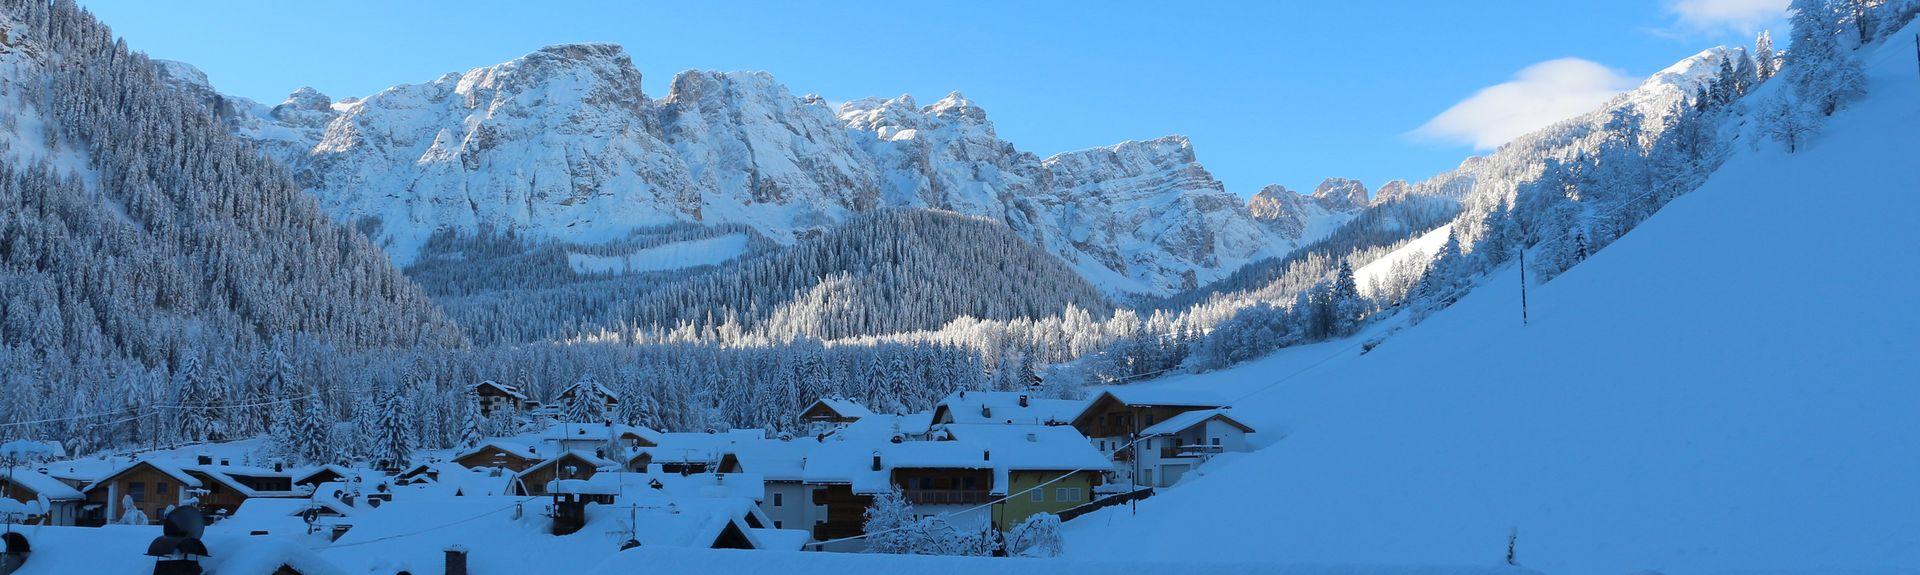 Colfosco, Trentino-Alto Adigio, Italia